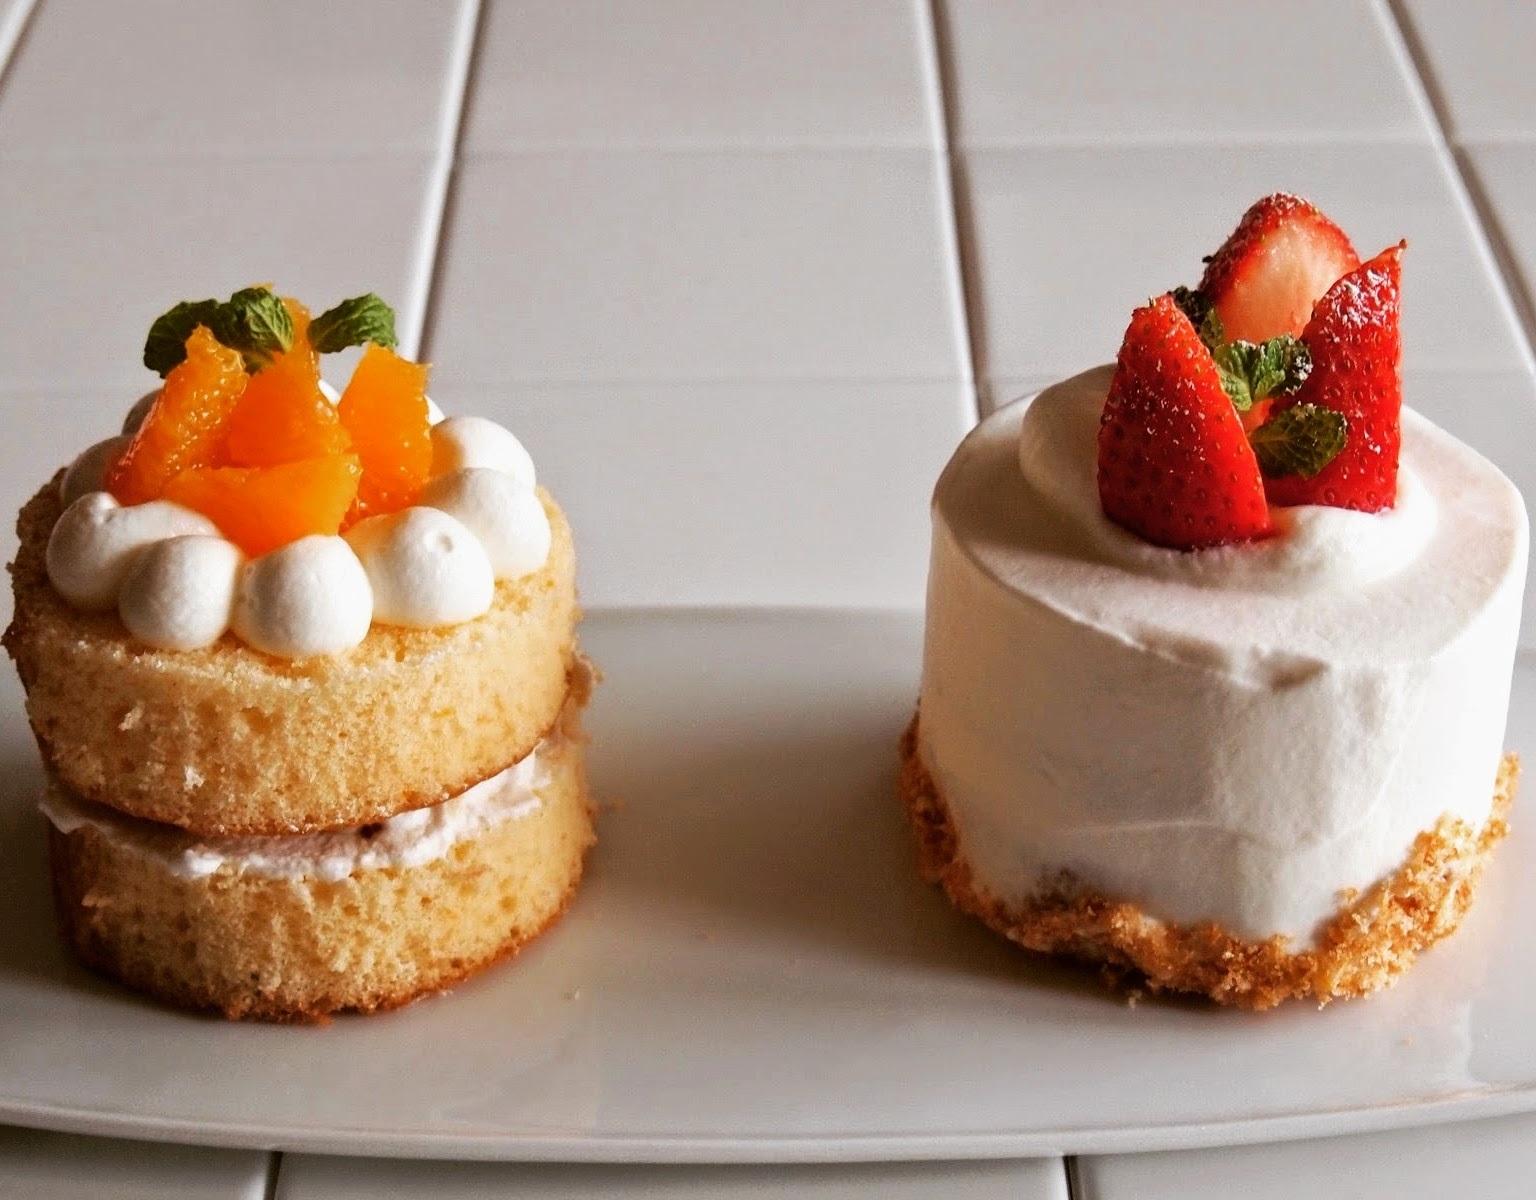 丸型の苺のショートケーキとオレンジのショートケーキ